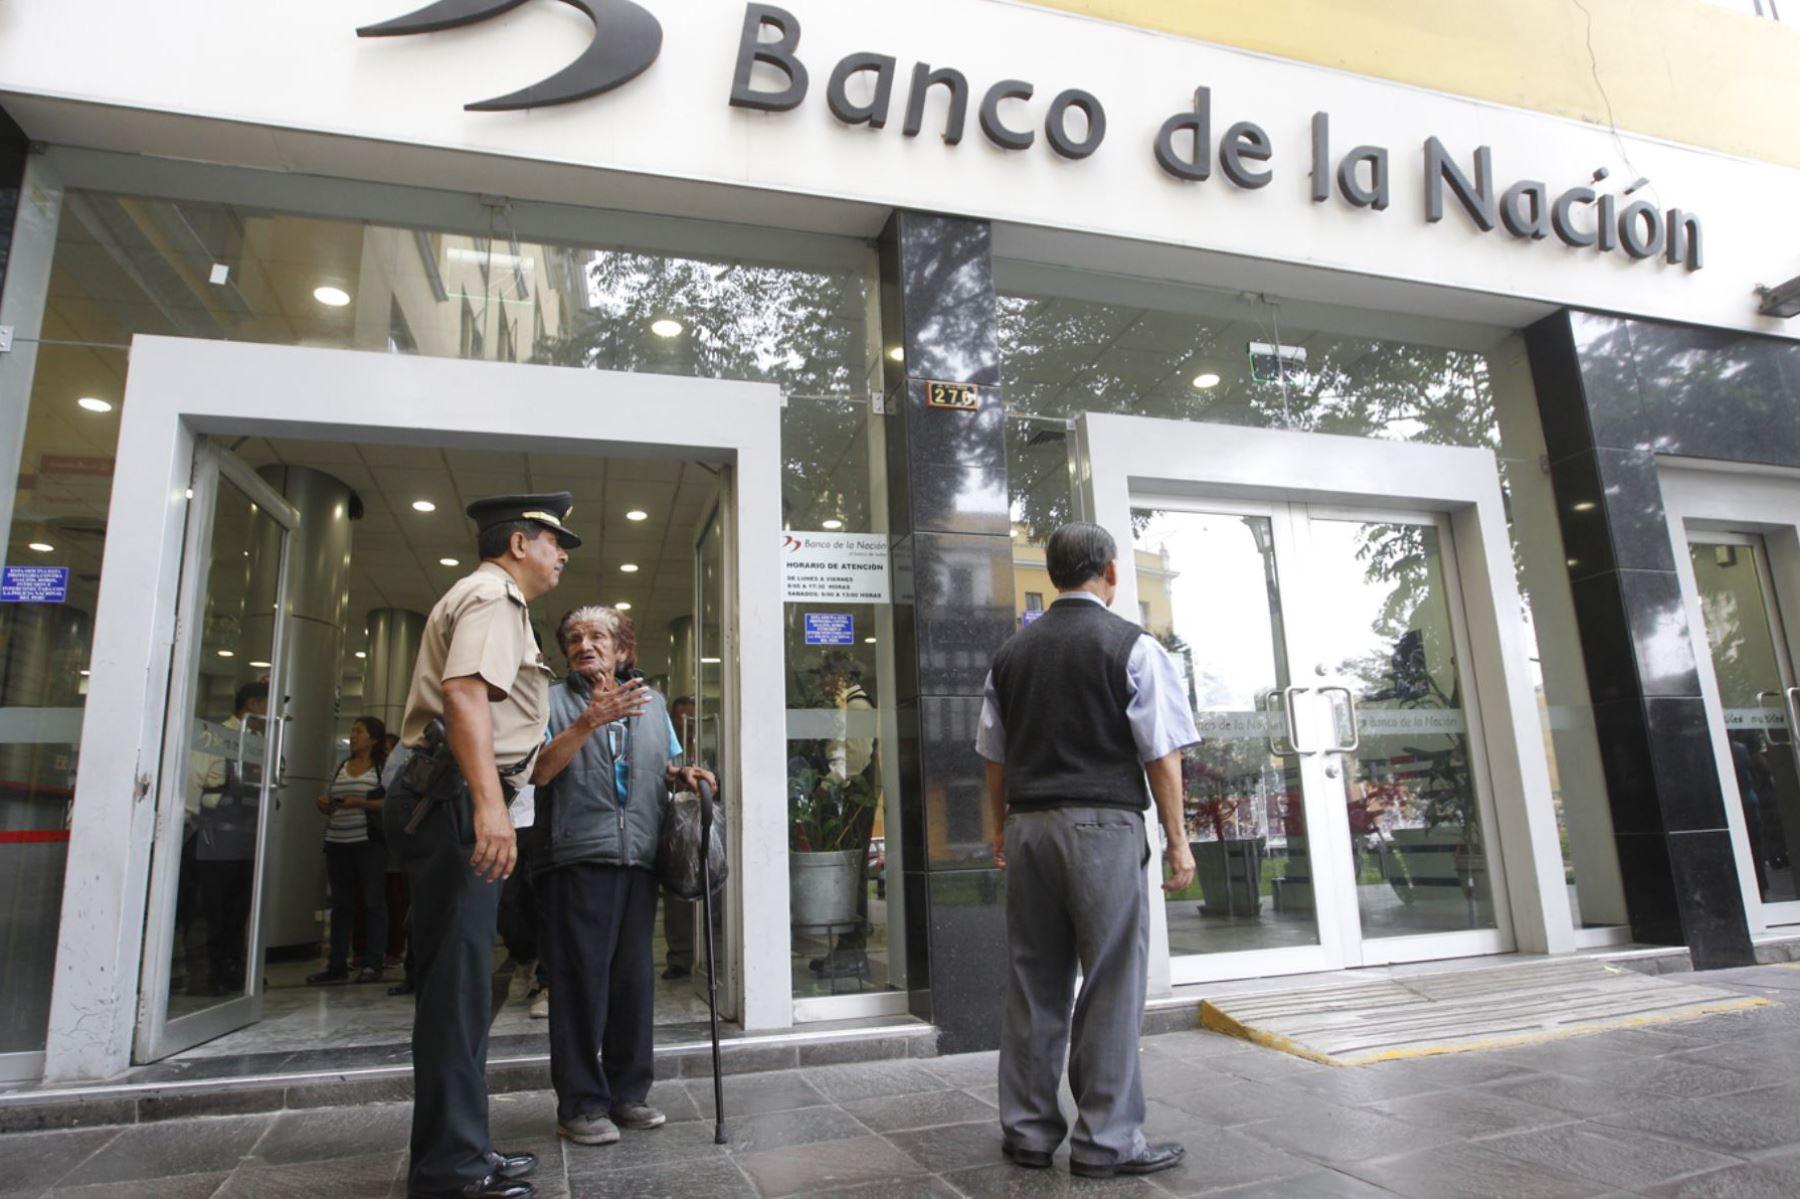 Foto:  Agencia del Banco de la Nación.